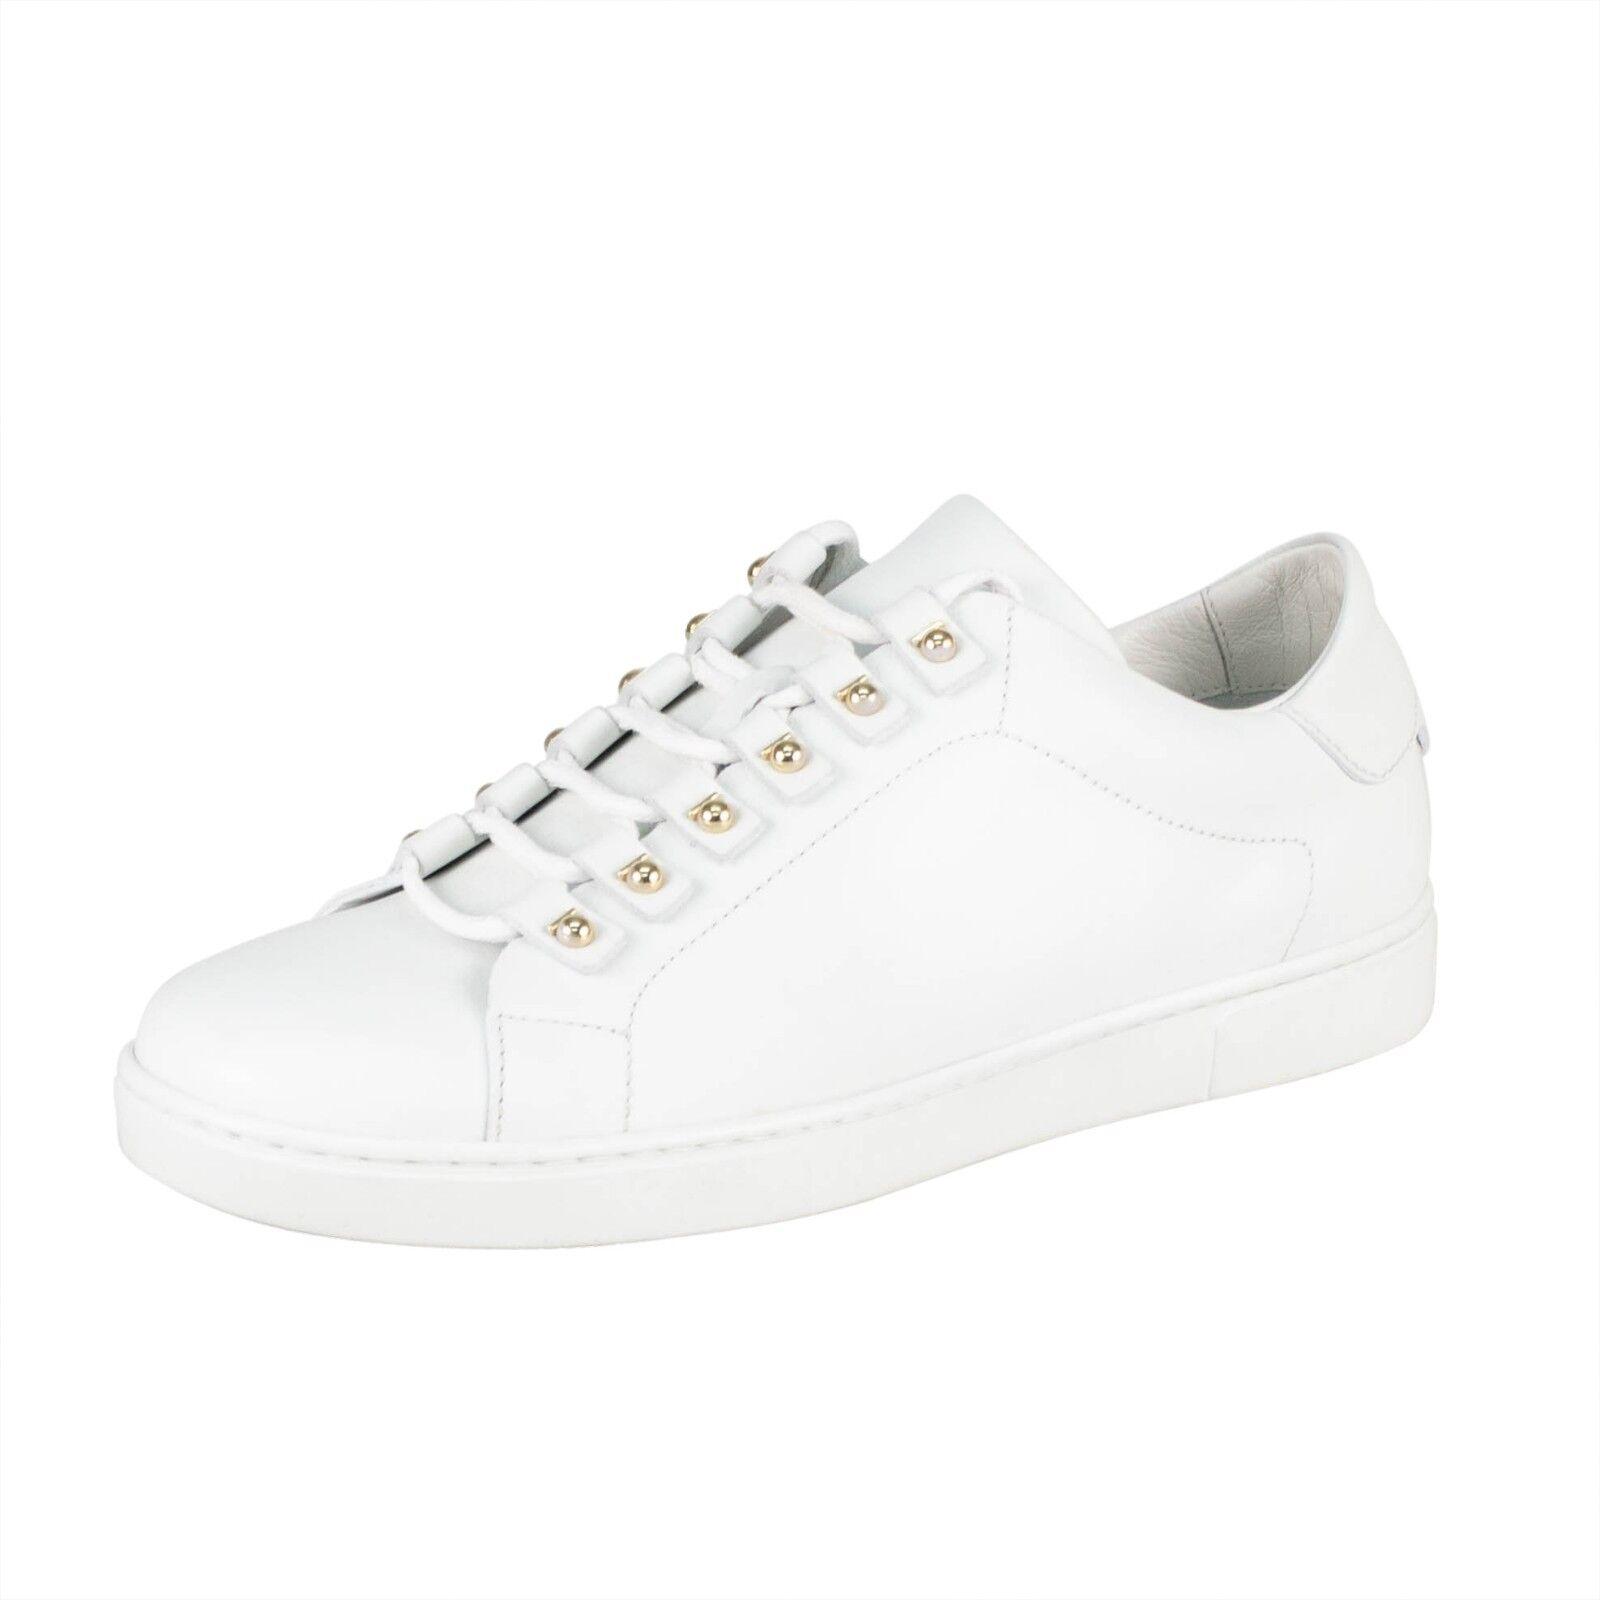 NIB SALVATORE FERRAGAMO 'Vulcano' White Leather Sneakers shoes 6 39  625